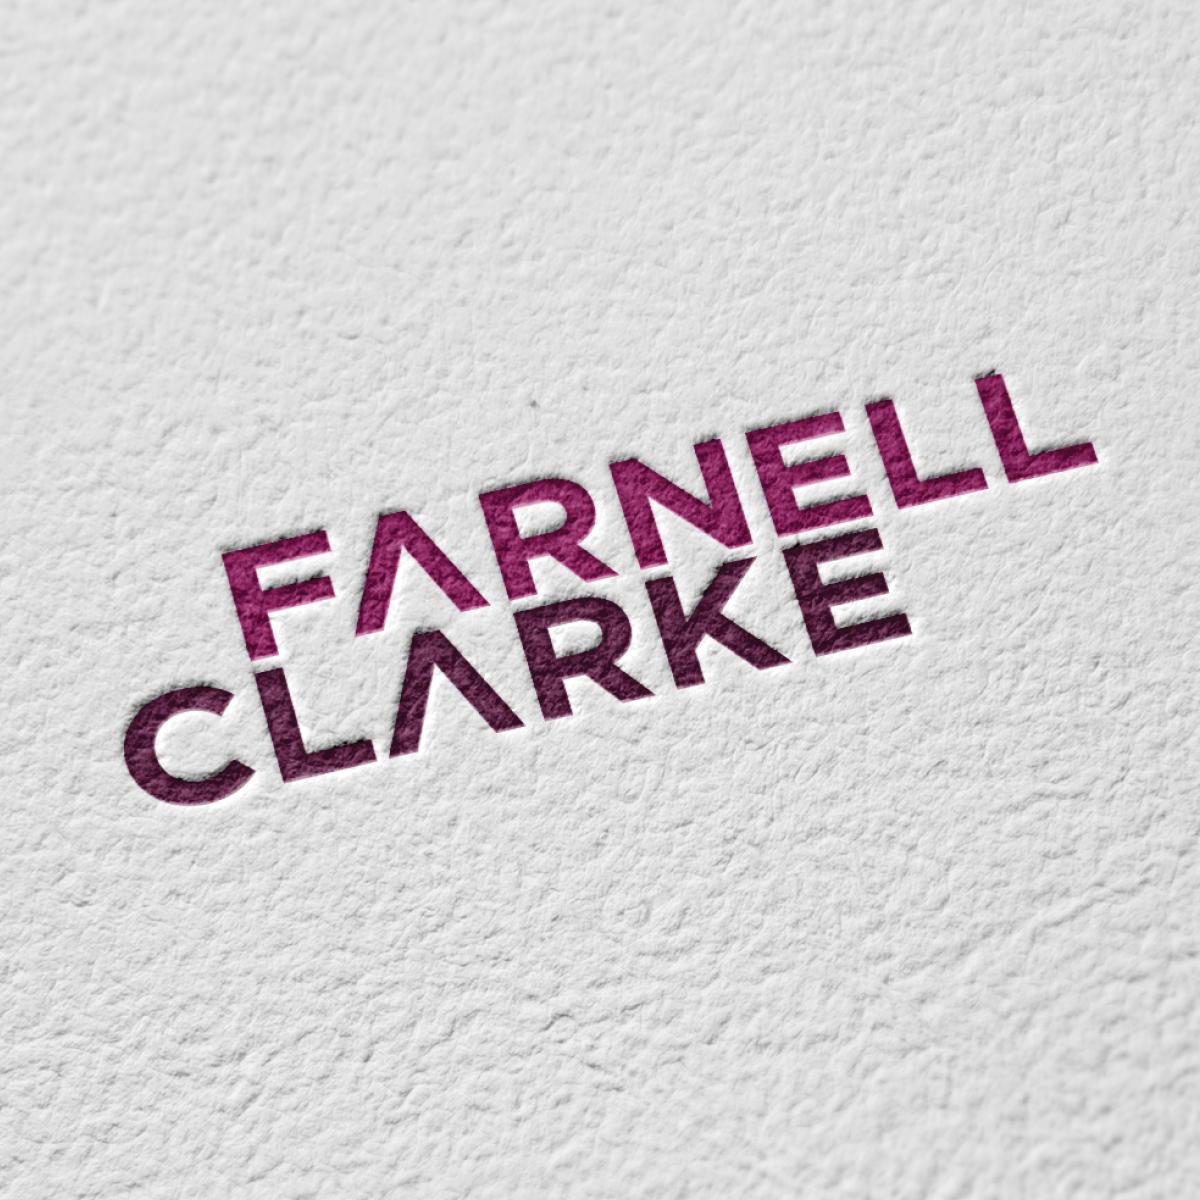 Farnell Clarke